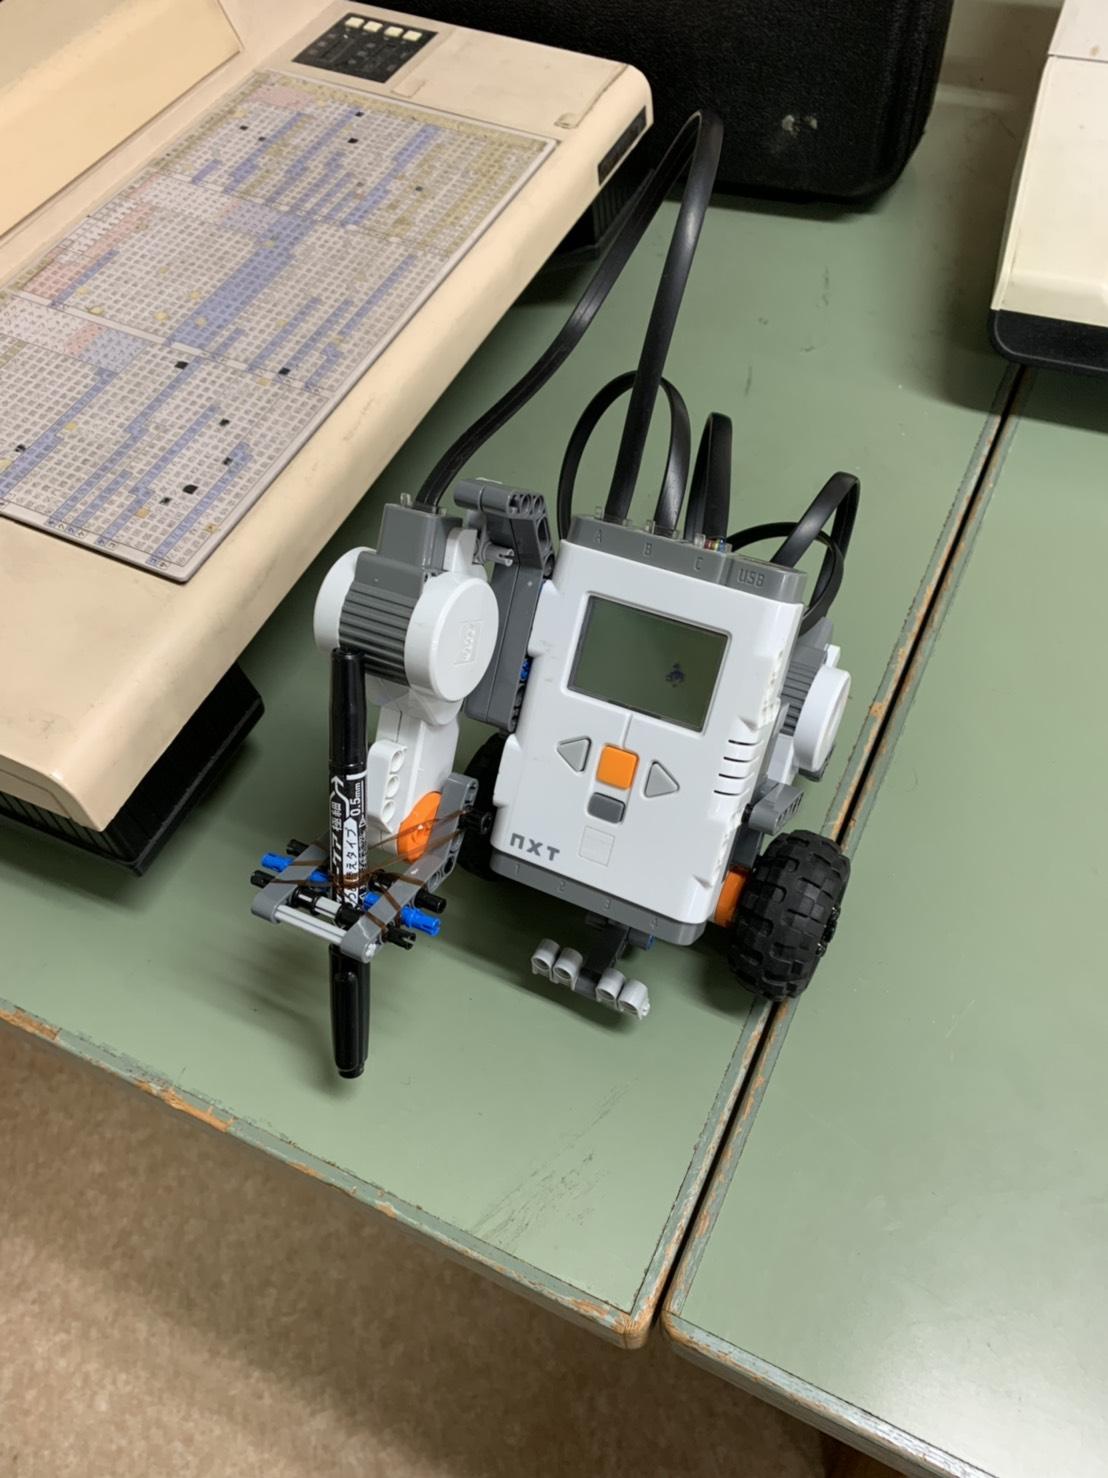 http://yakushi.shinshu-u.ac.jp/robotics/?plugin=ref&page=2018b%2FMember%2Fkozuka%2FMission1&src=hontai.jpeg